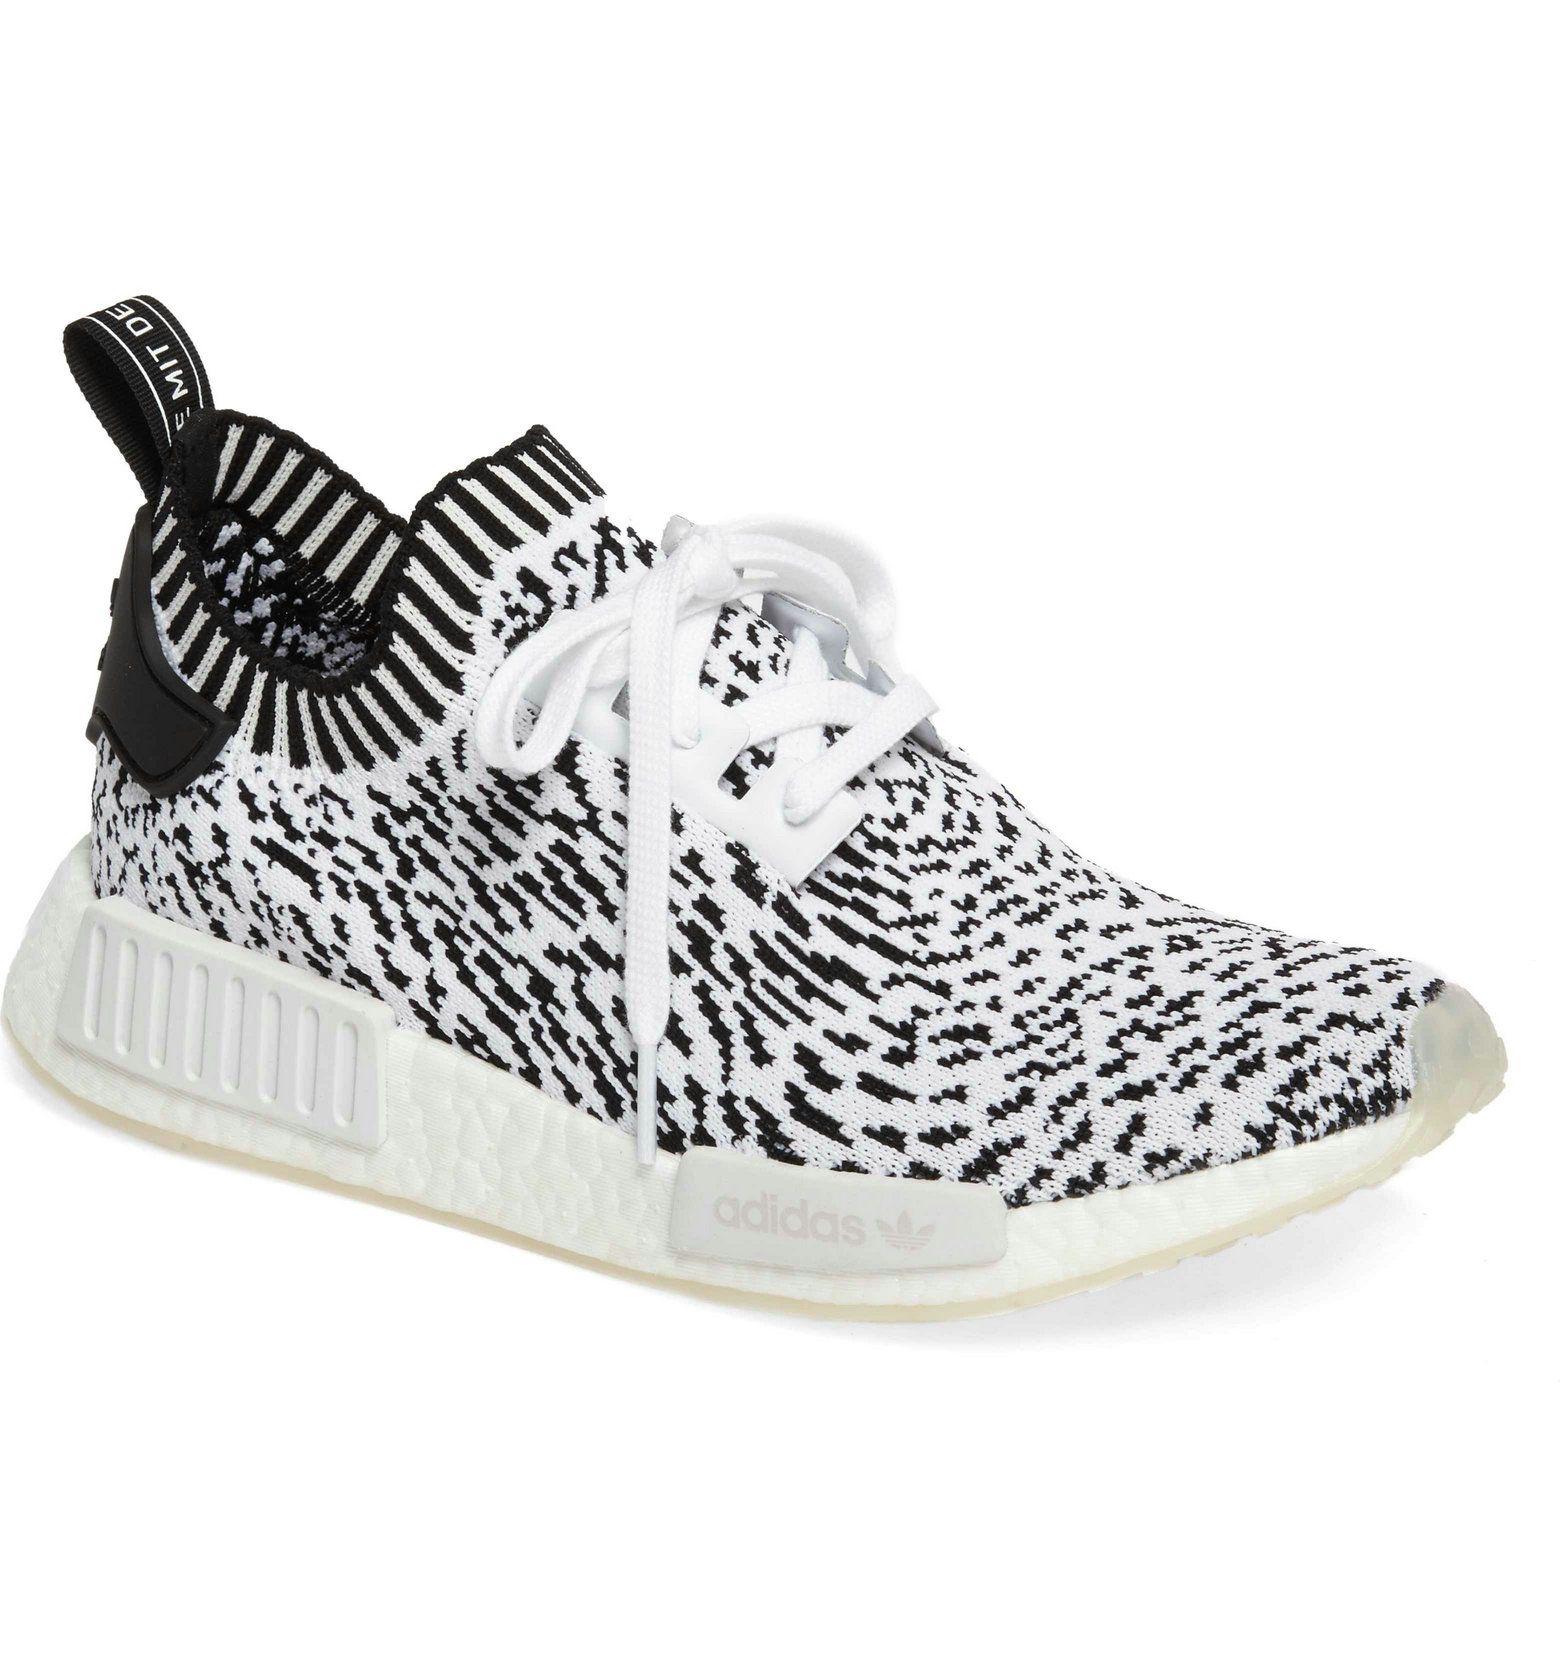 4b3807d2323c9 Main Image - adidas NMD R1 Primeknit Sneaker (Men)